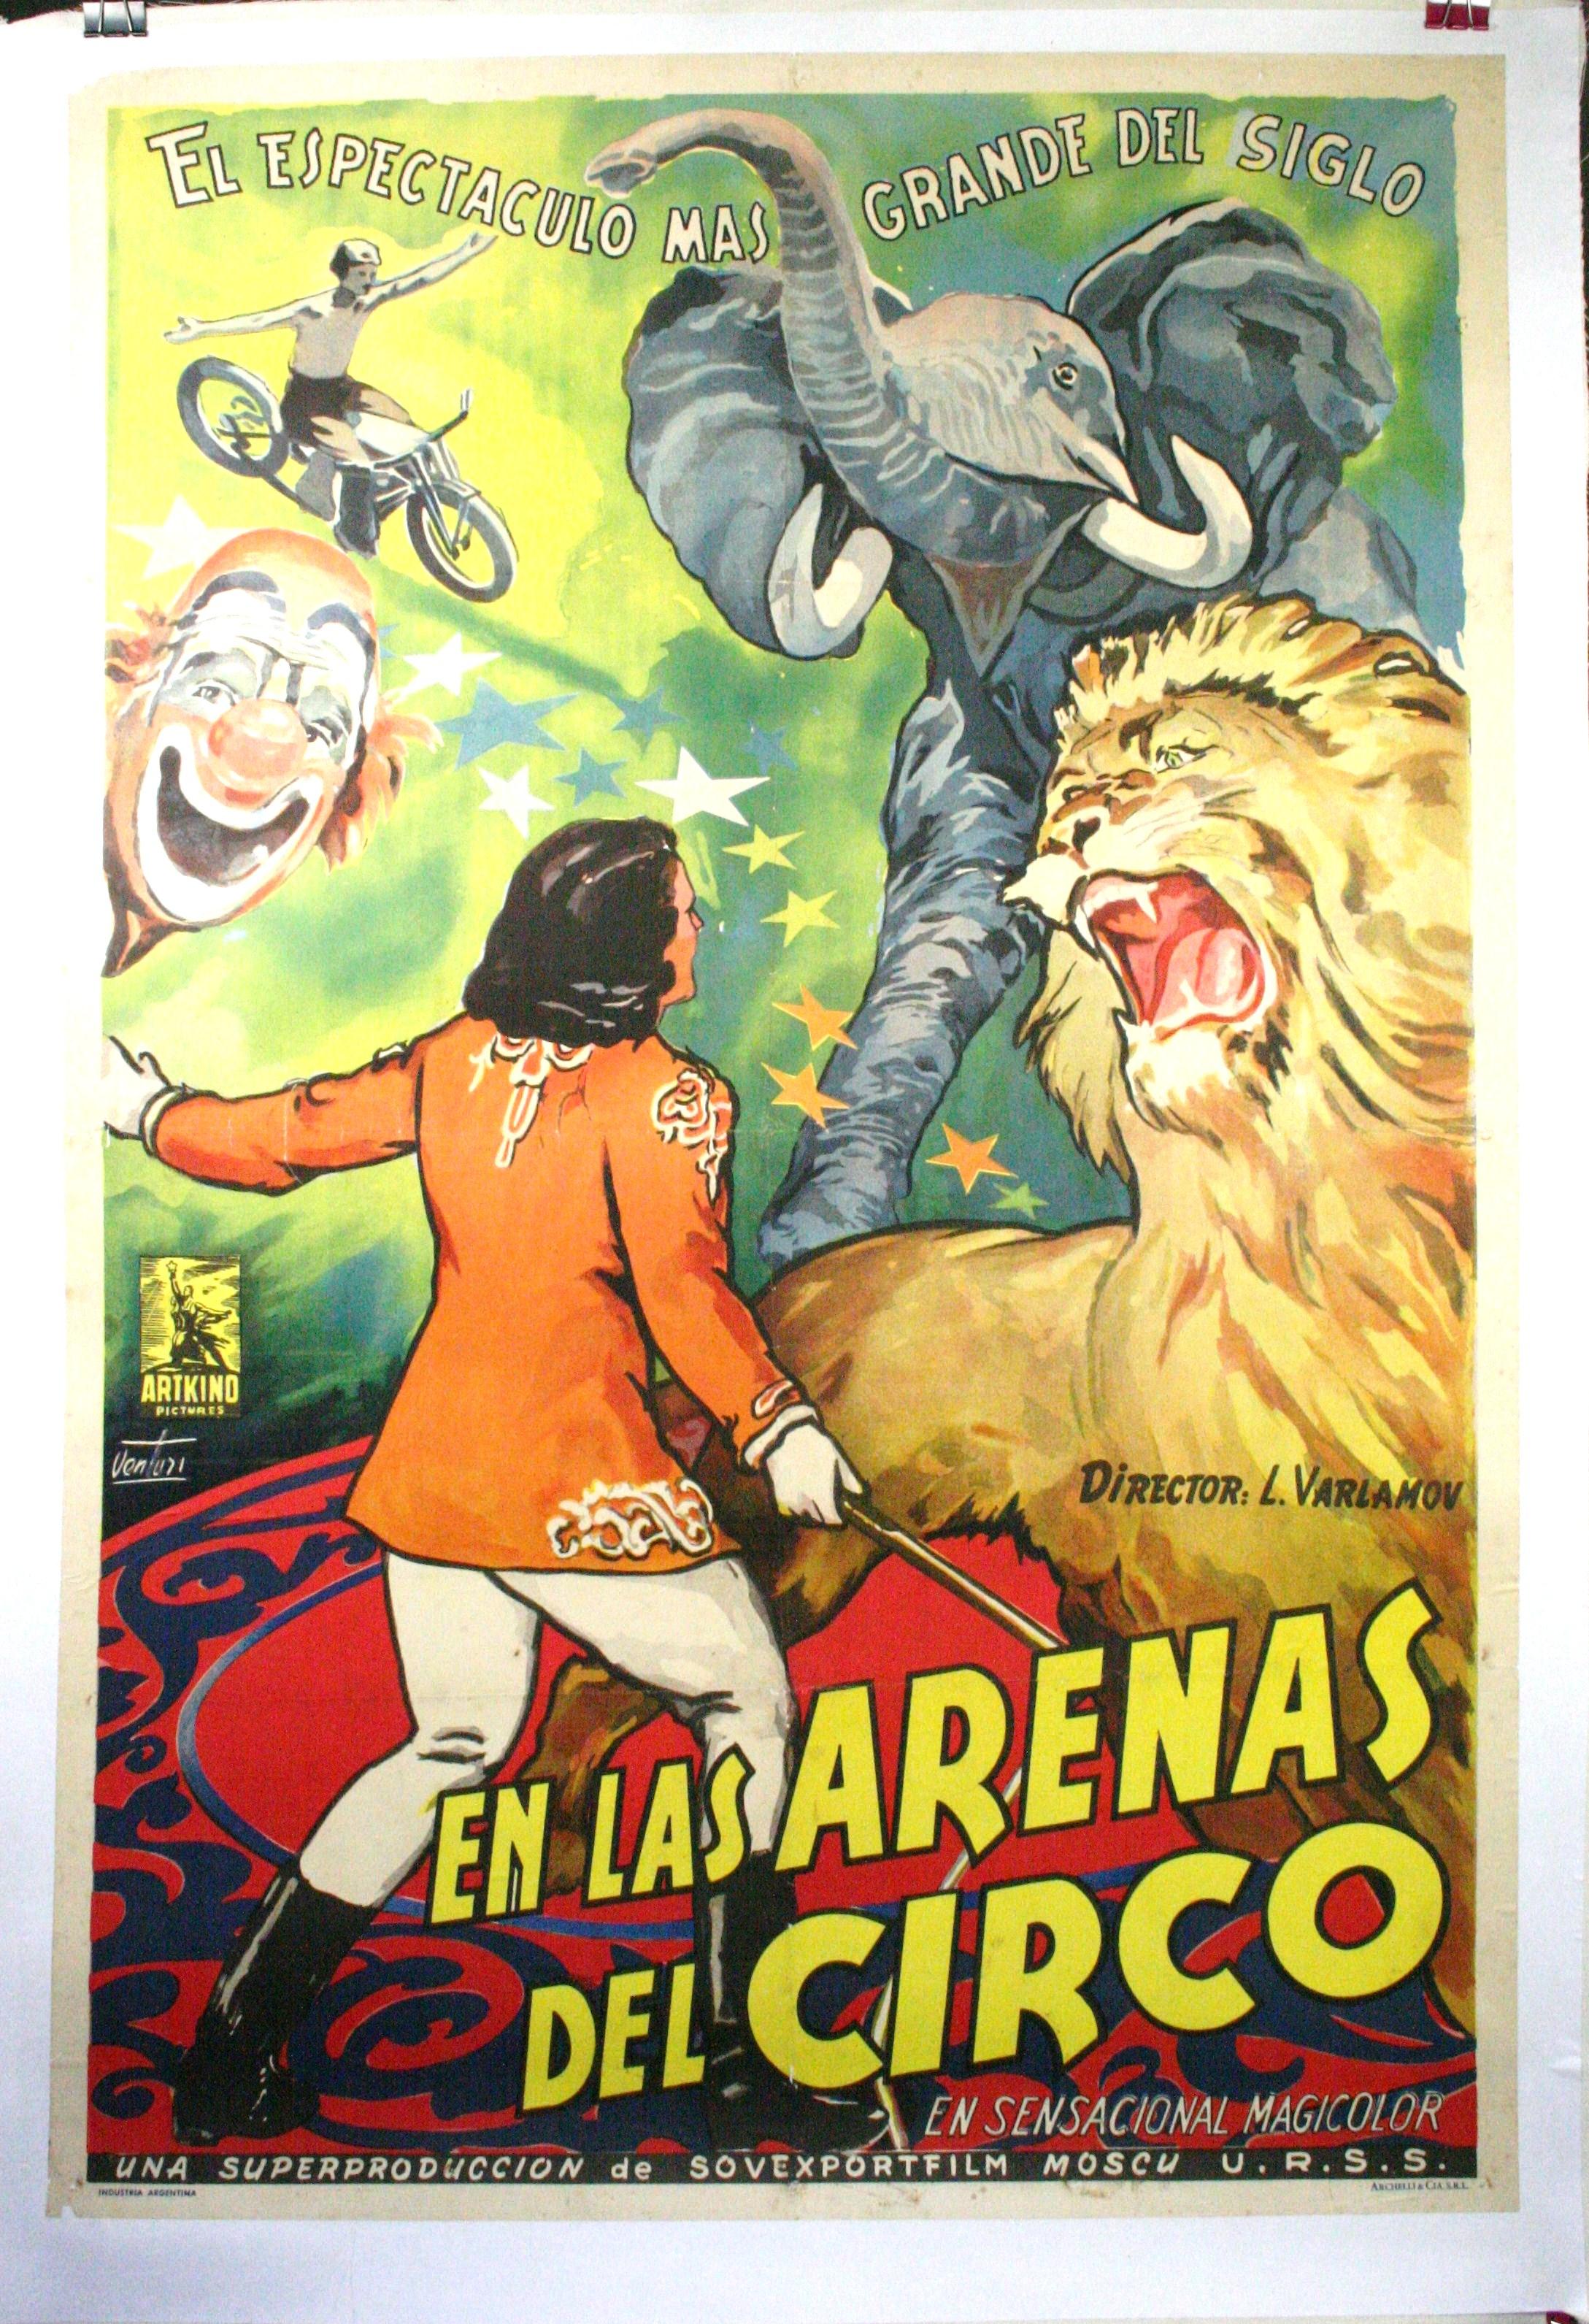 EN LAS ARENAS DEL CIRCO u2013 Argentinian Circus Poster